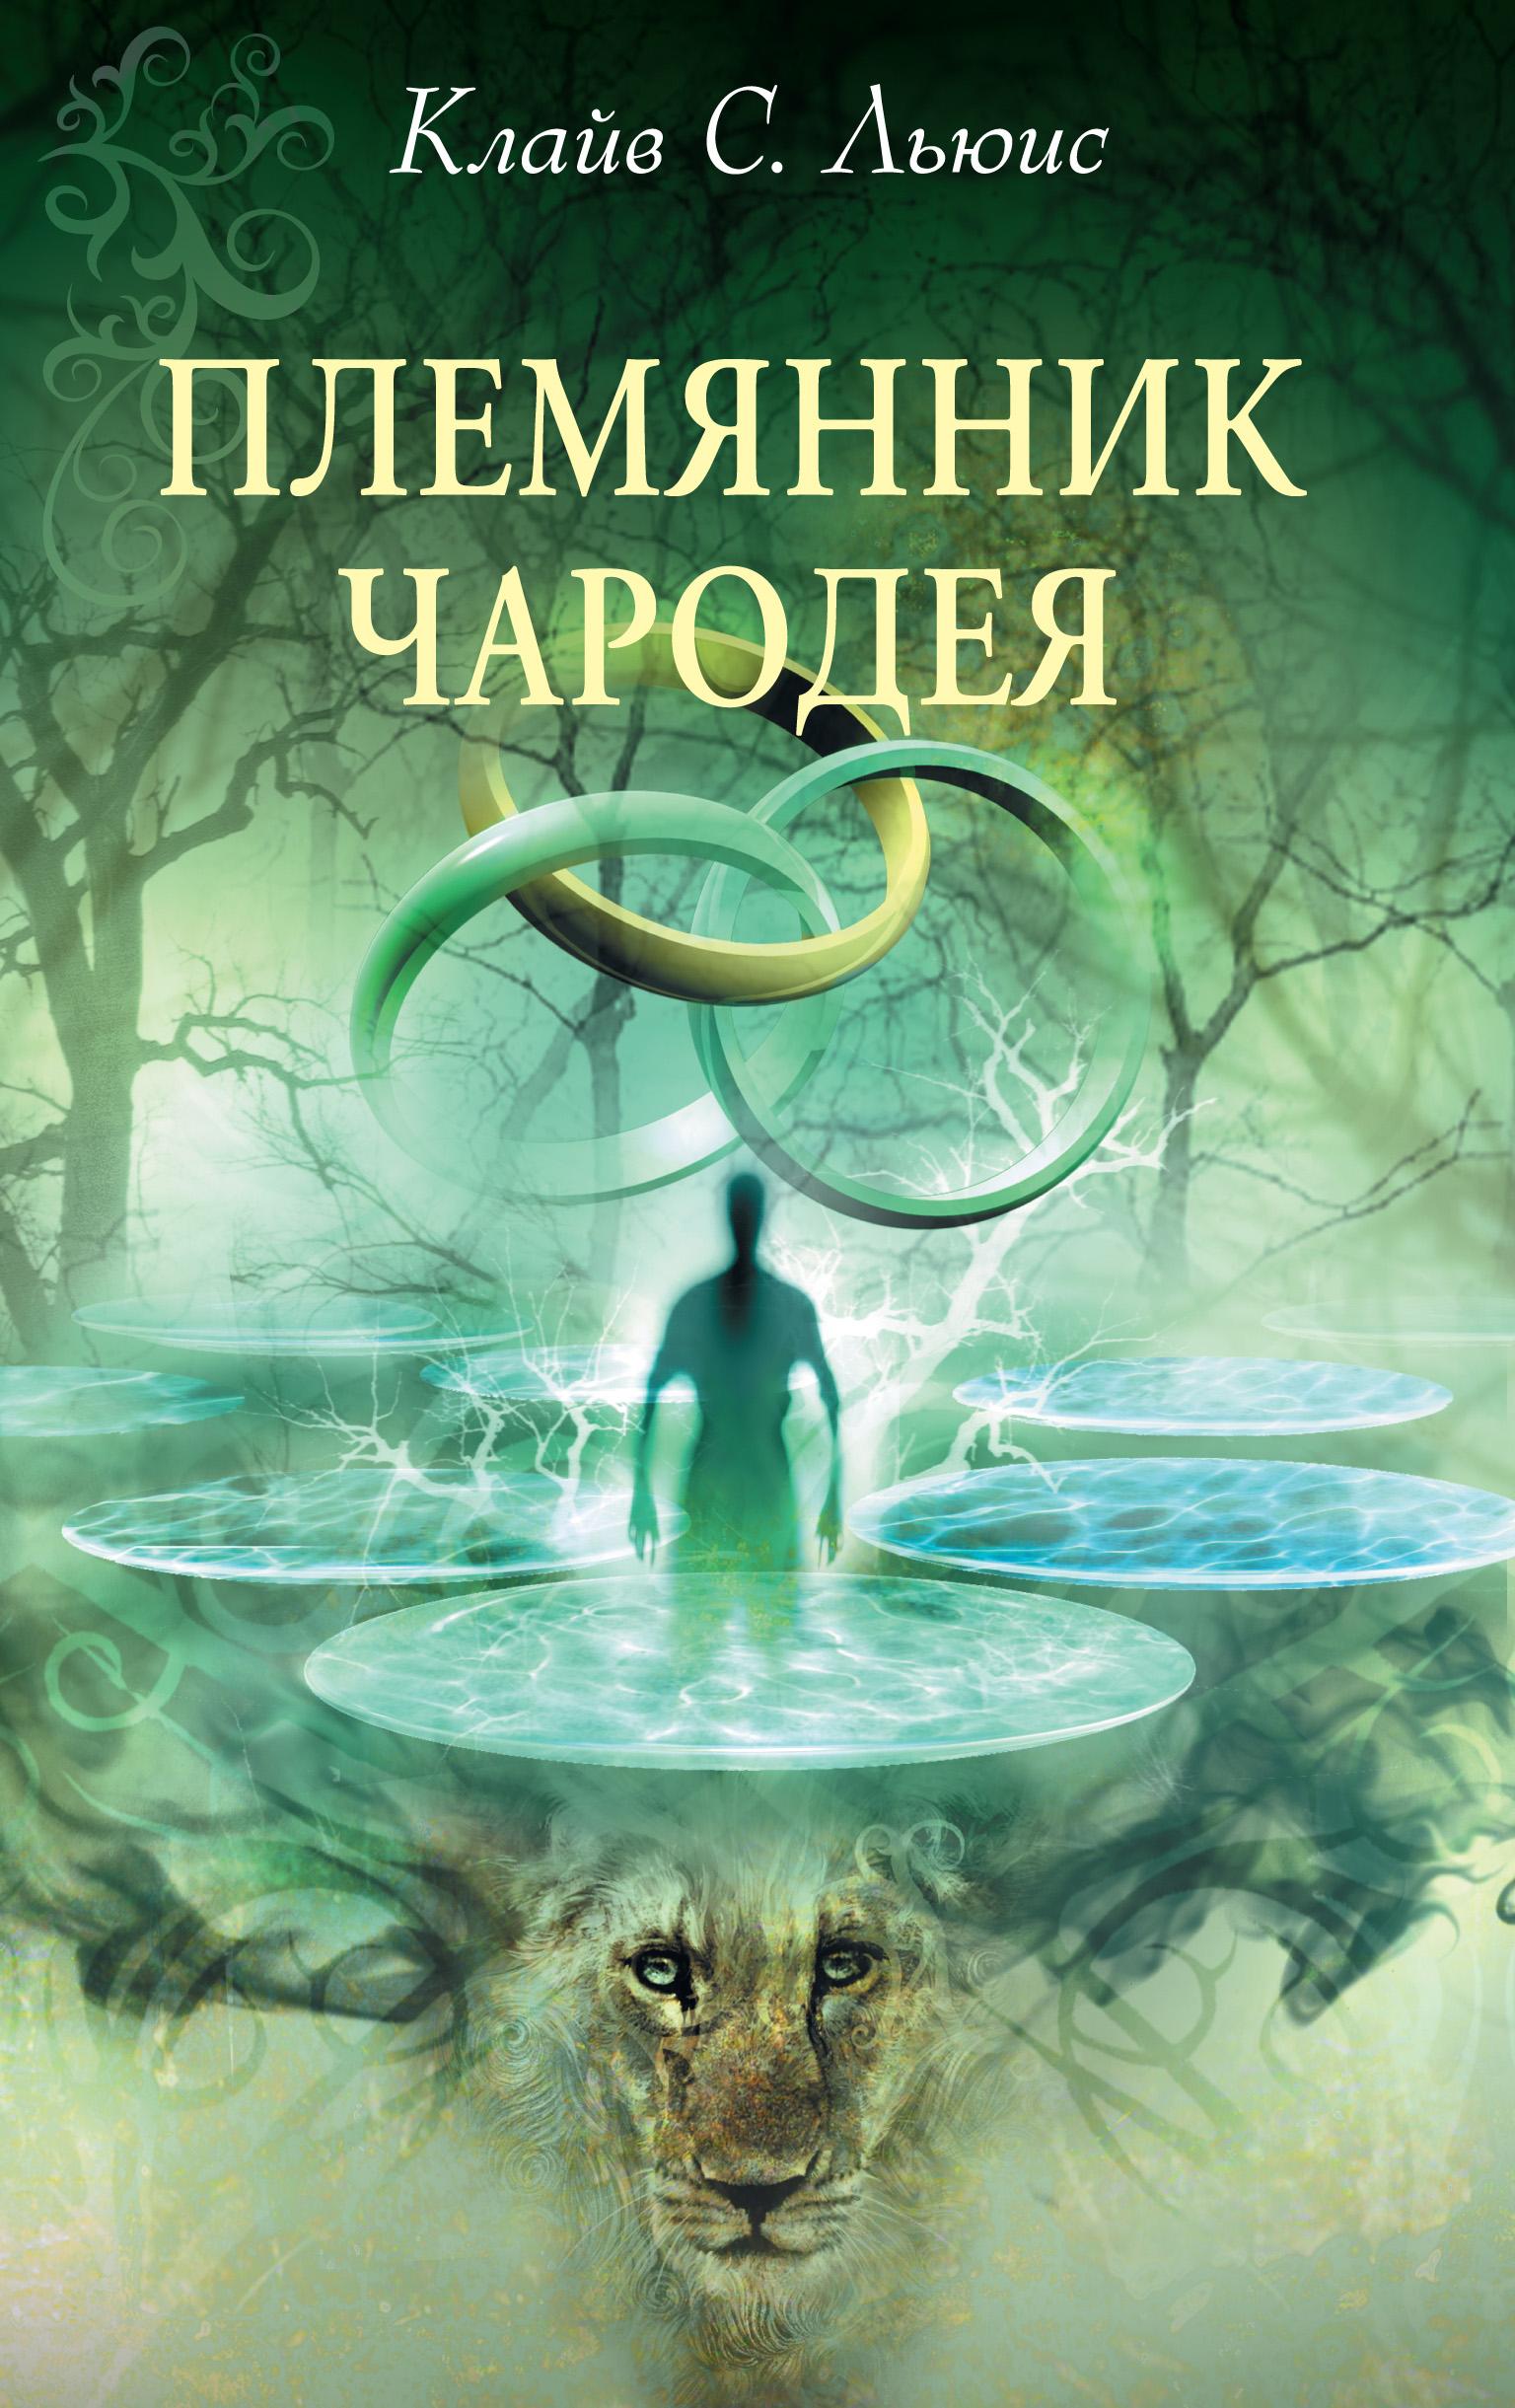 Клайв Льюис «Хроники Нарнии: Племянник чародея»